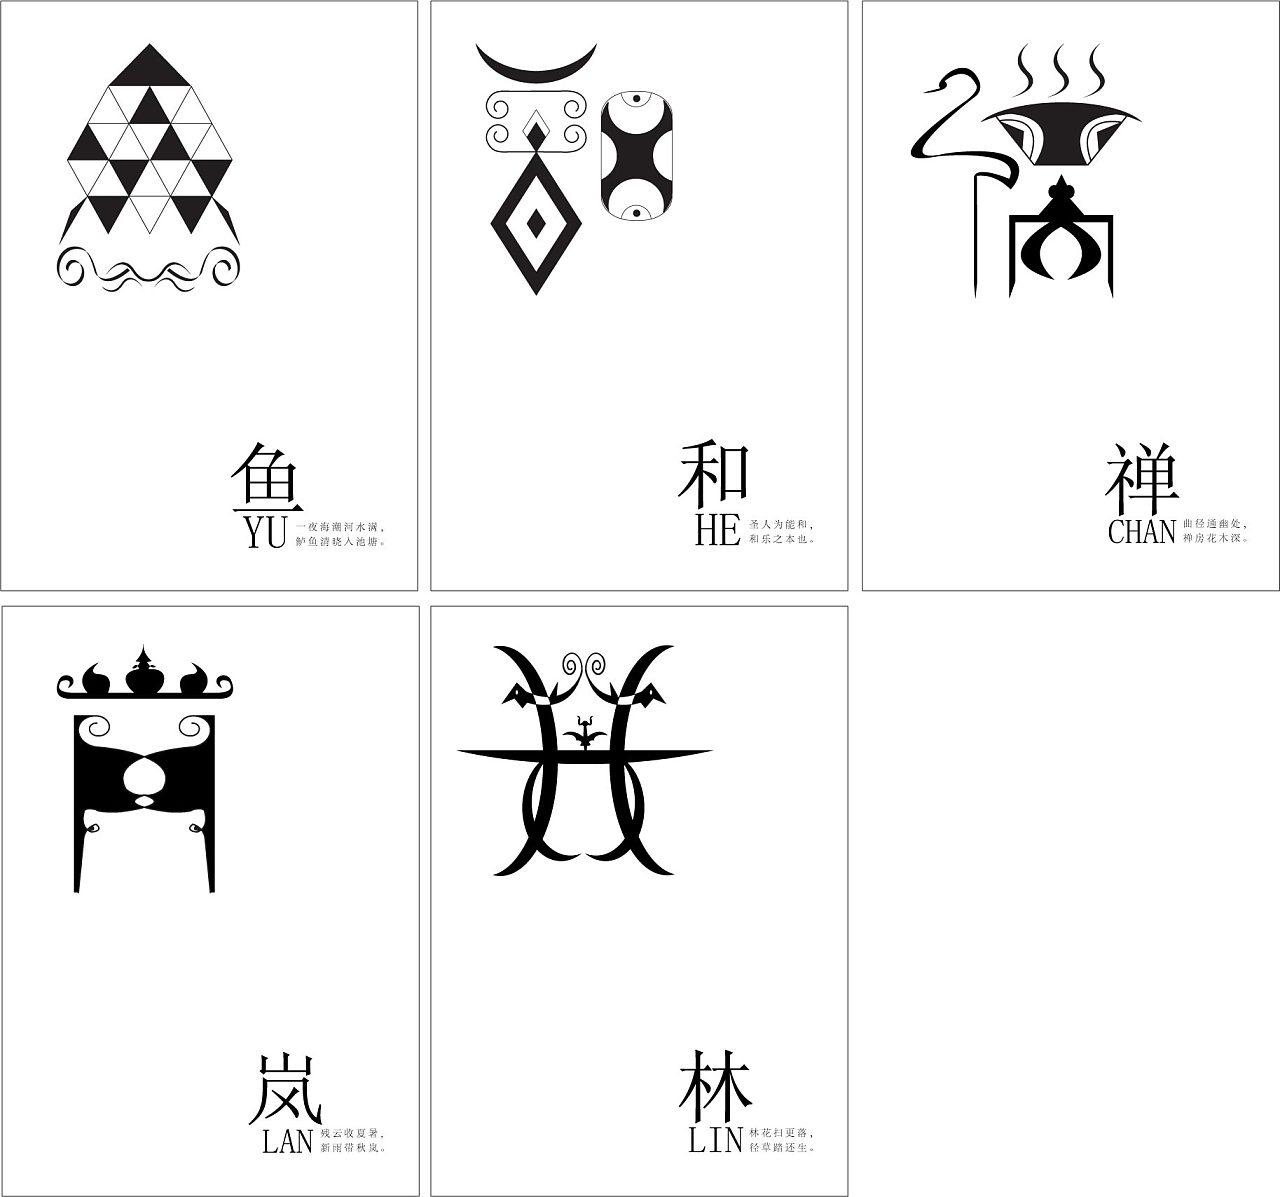 比较喜欢中国百家姓图腾,自己也根据对这几